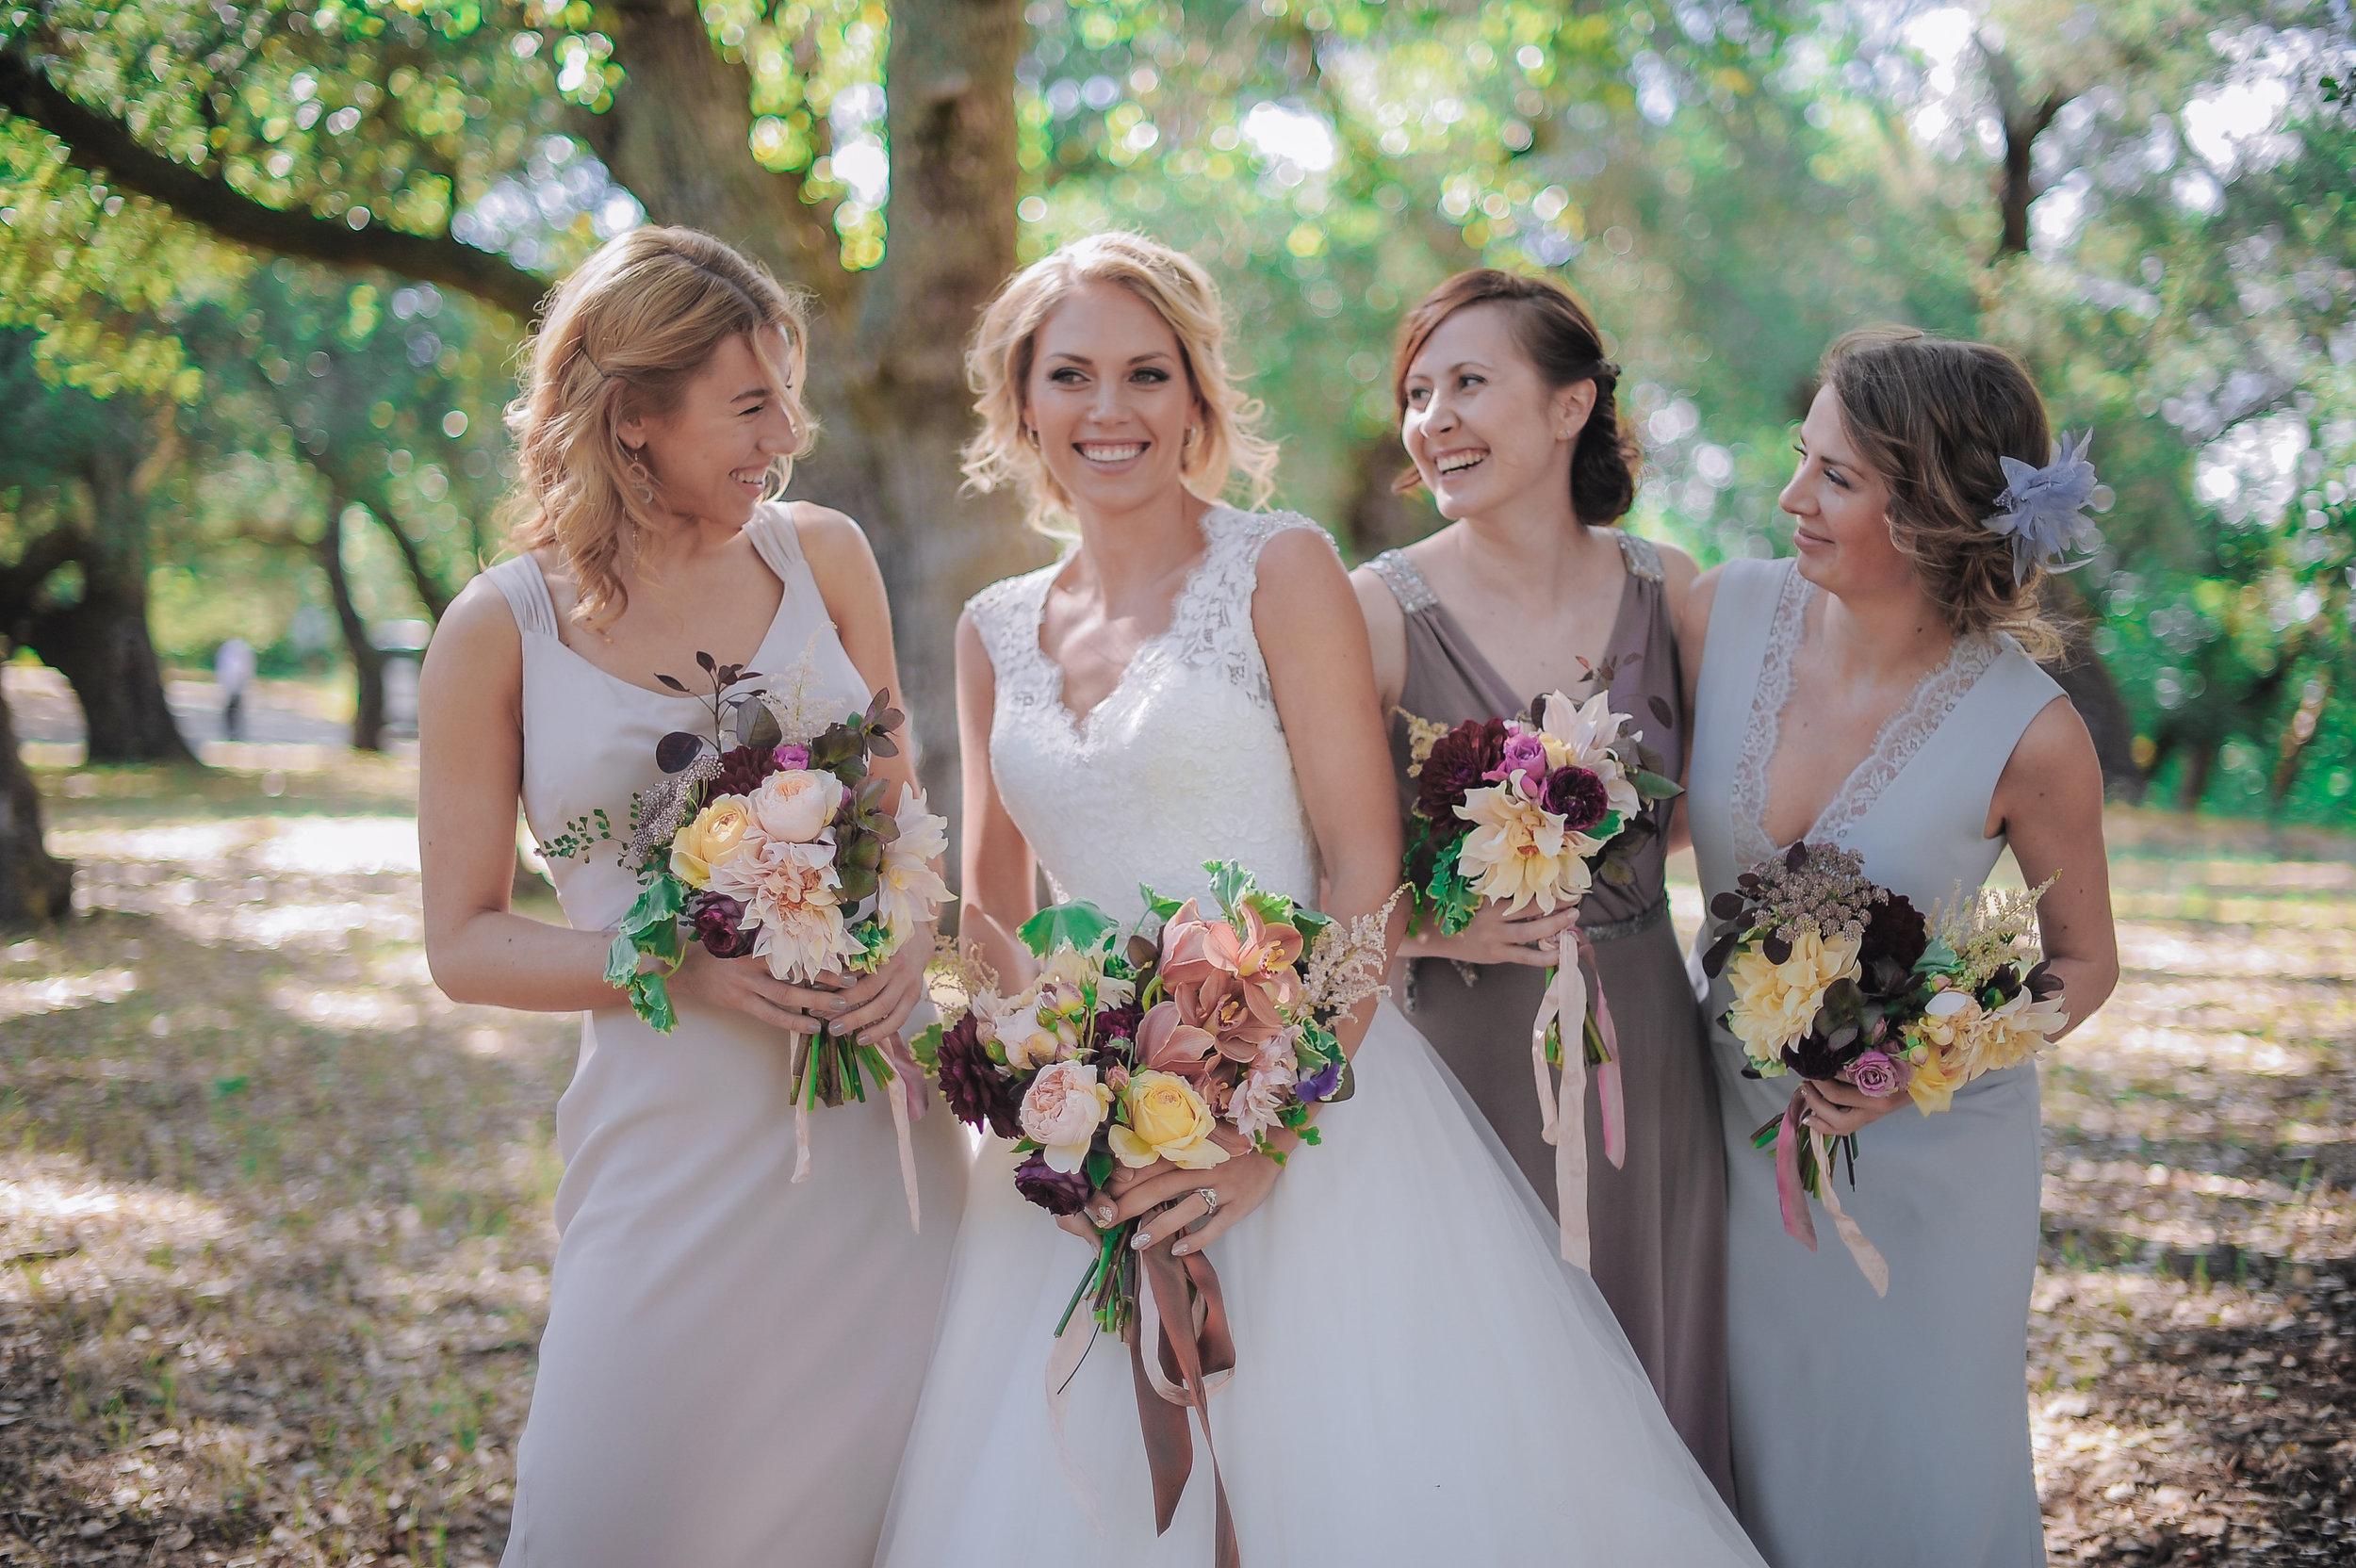 N K wedding-Bride Groom and Bridal Party-0101.jpg